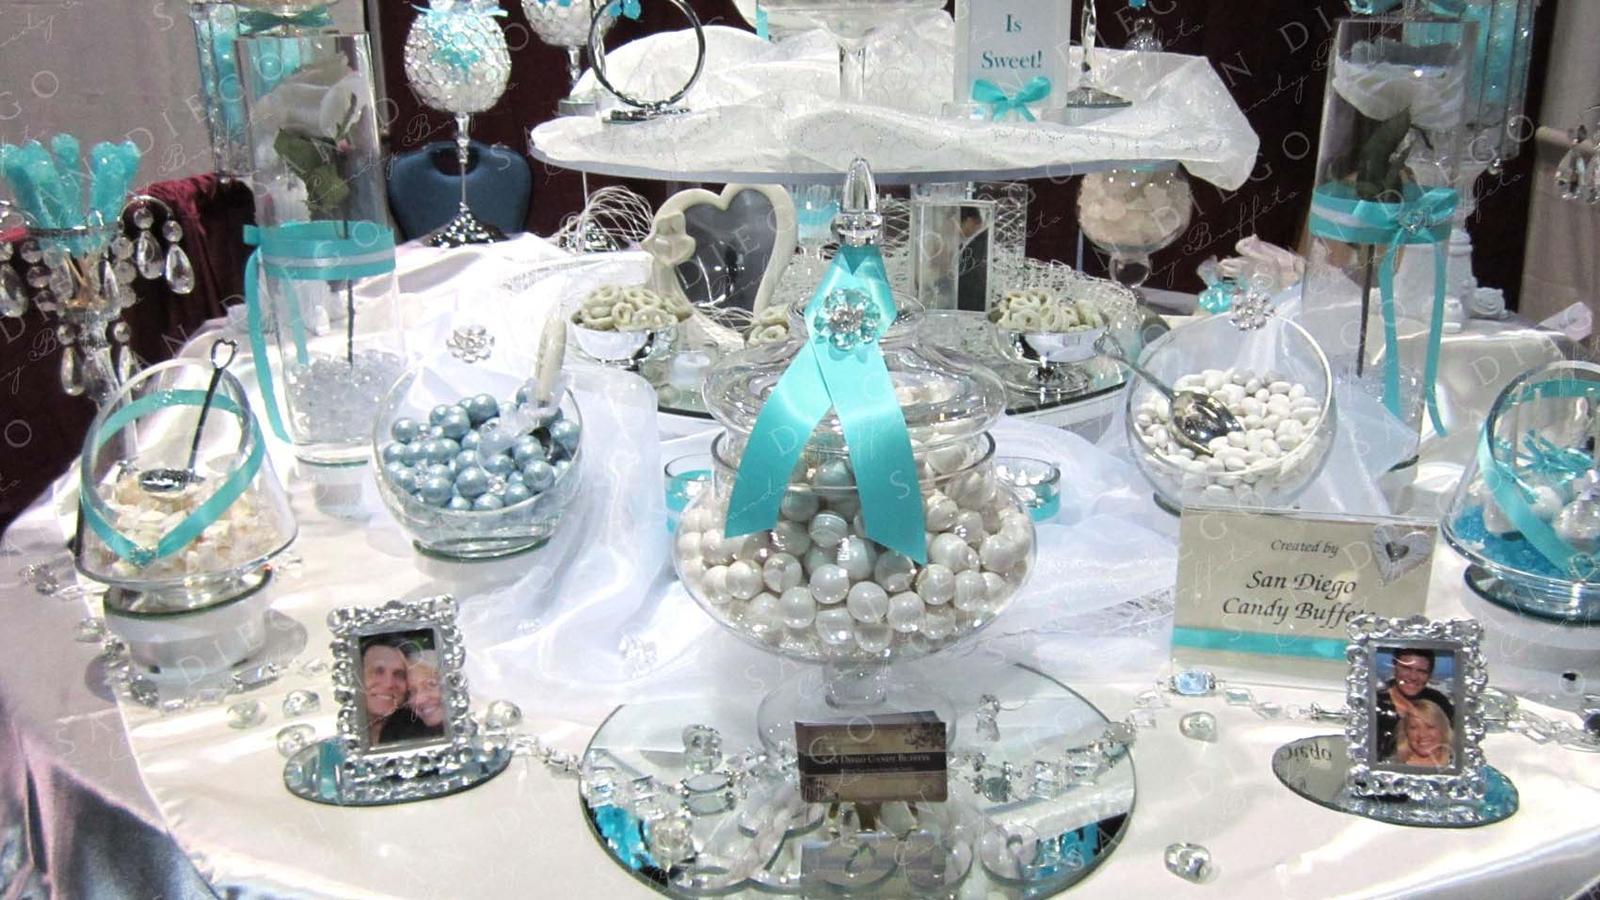 Candy bar alebo sladkosti na svadbe - Obrázok č. 4